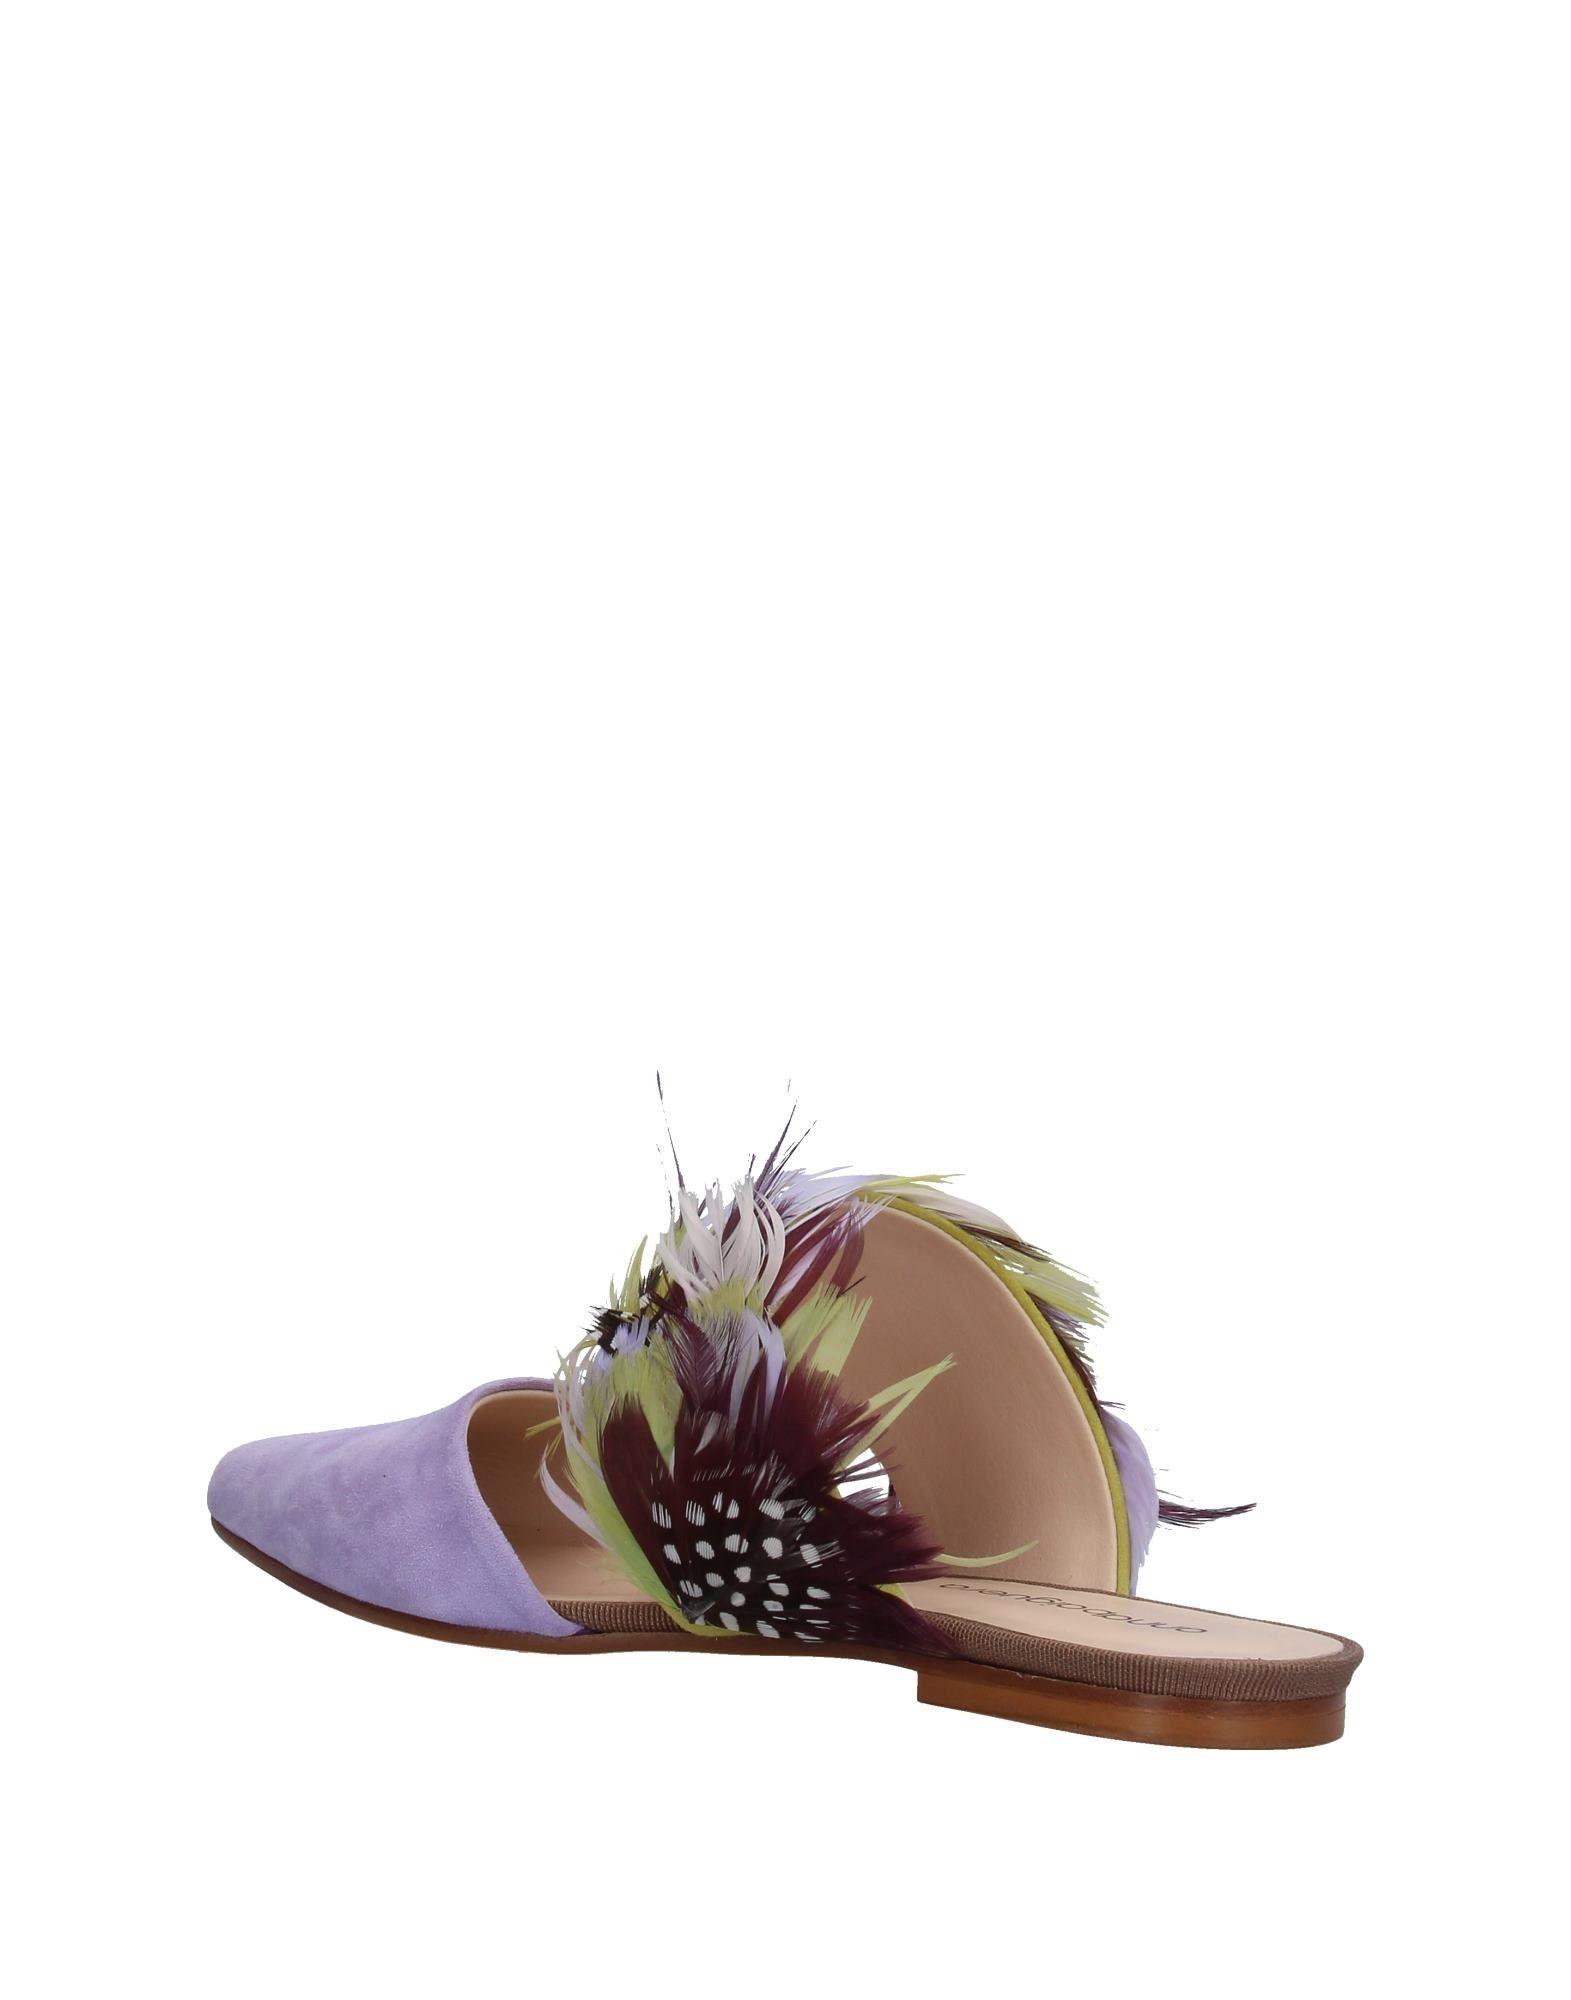 Stilvolle billige Schuhe Anna Baiguera Pantoletten Damen  11391046TG 11391046TG 11391046TG 6d256e